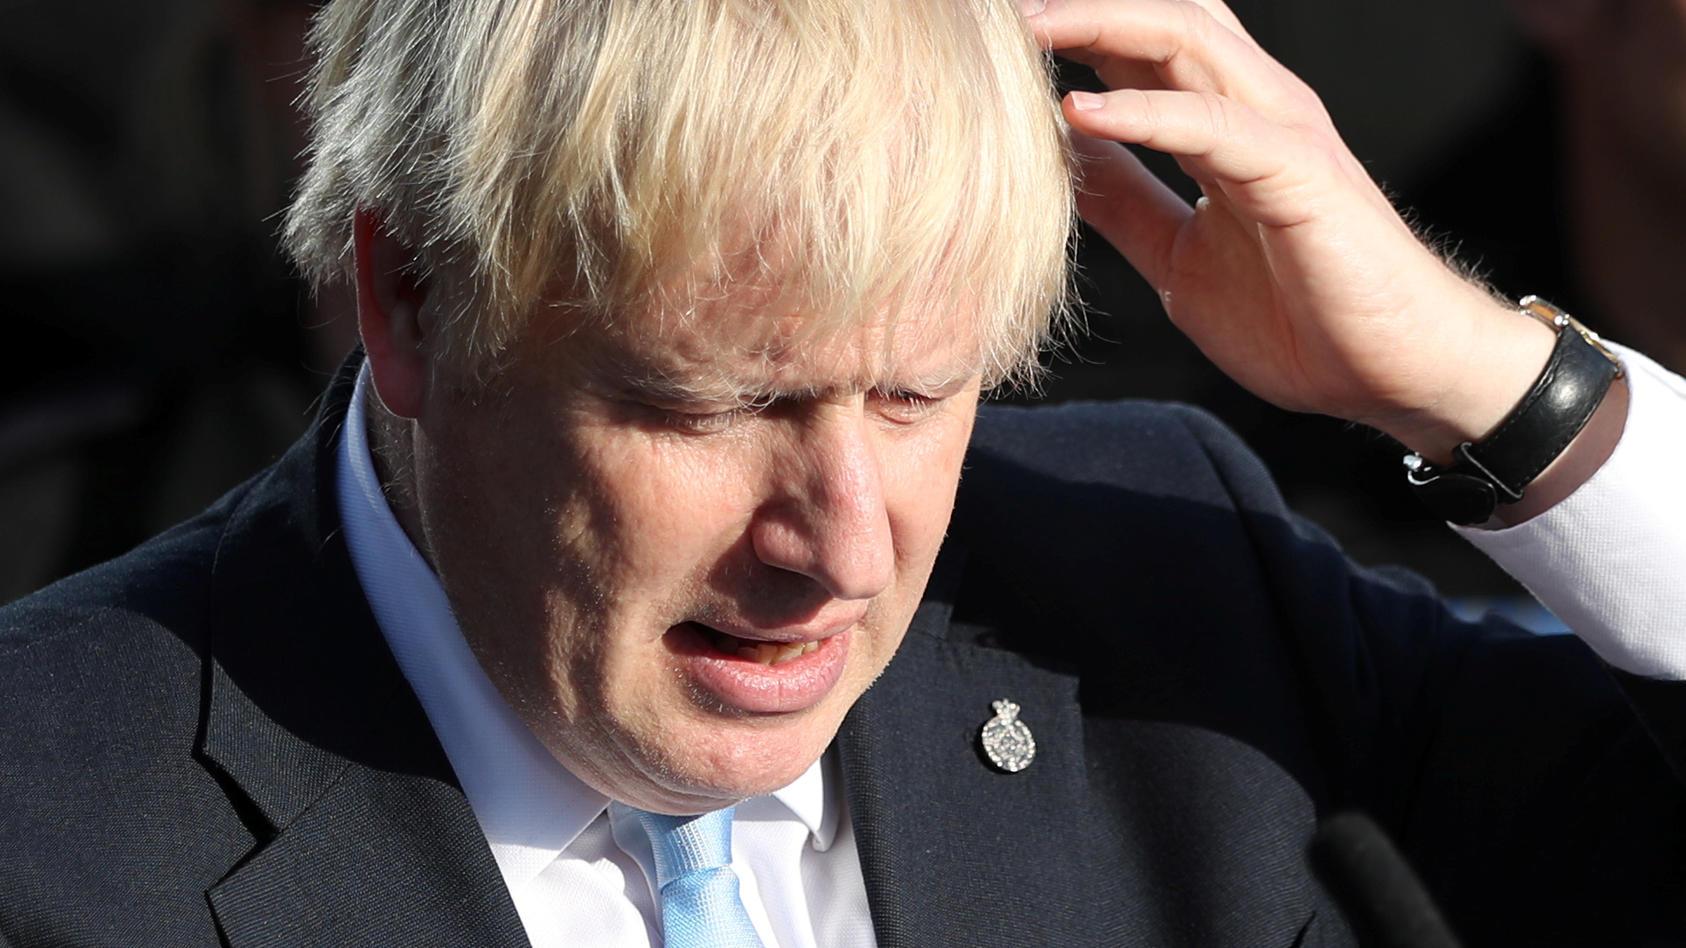 Der britische Premierminister Boris Johnson besuchte Polizeischüler in West Yorkshire.